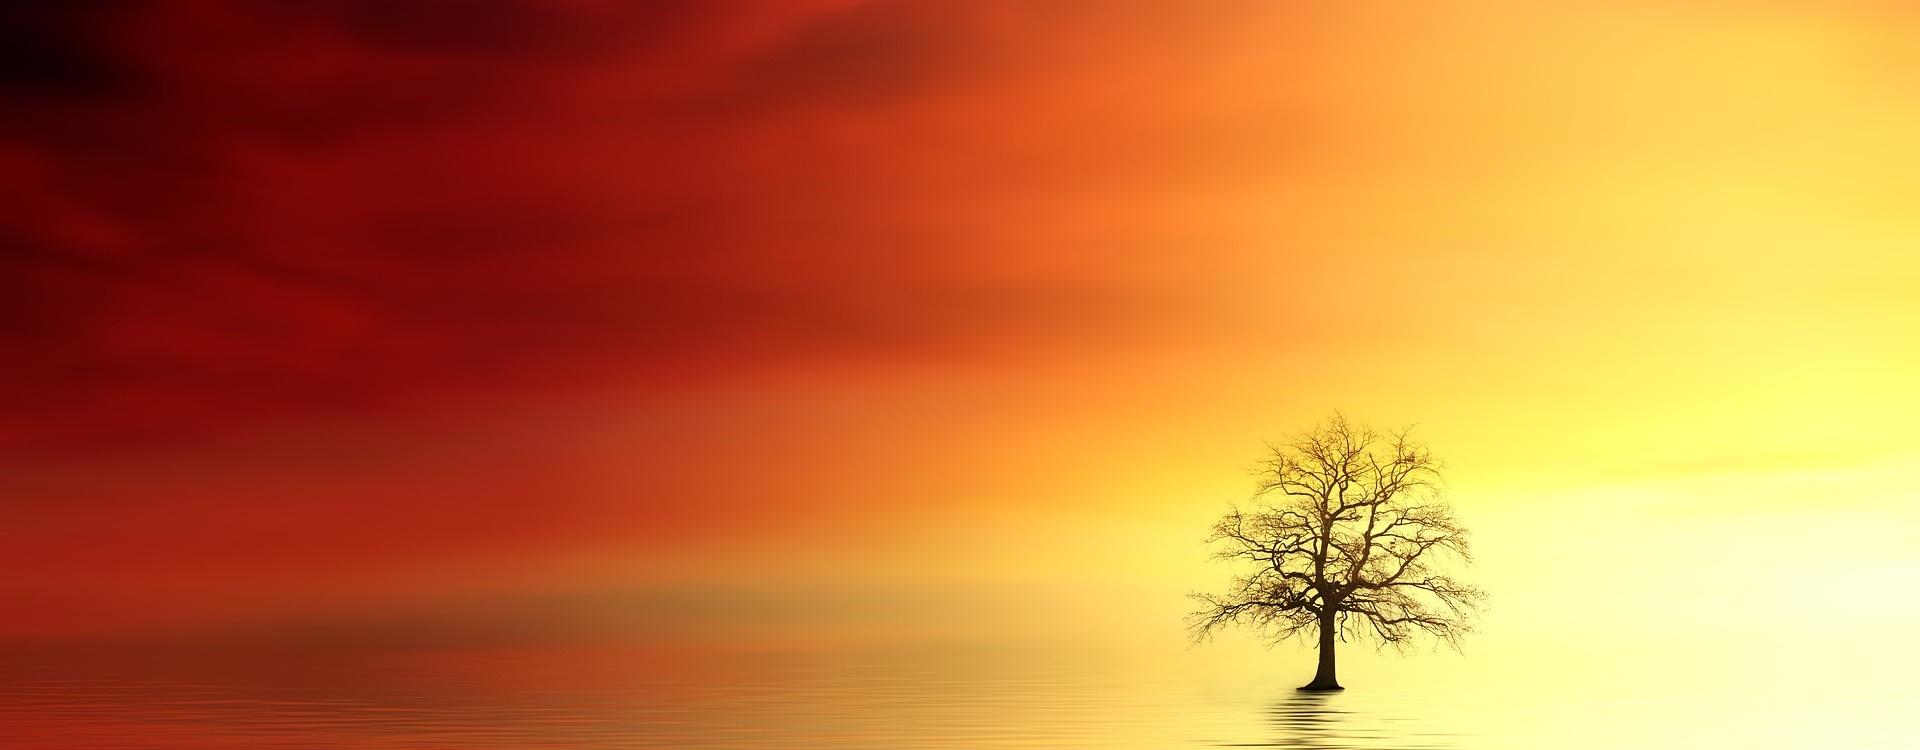 Solnedgång, gul och röd med ett träd.